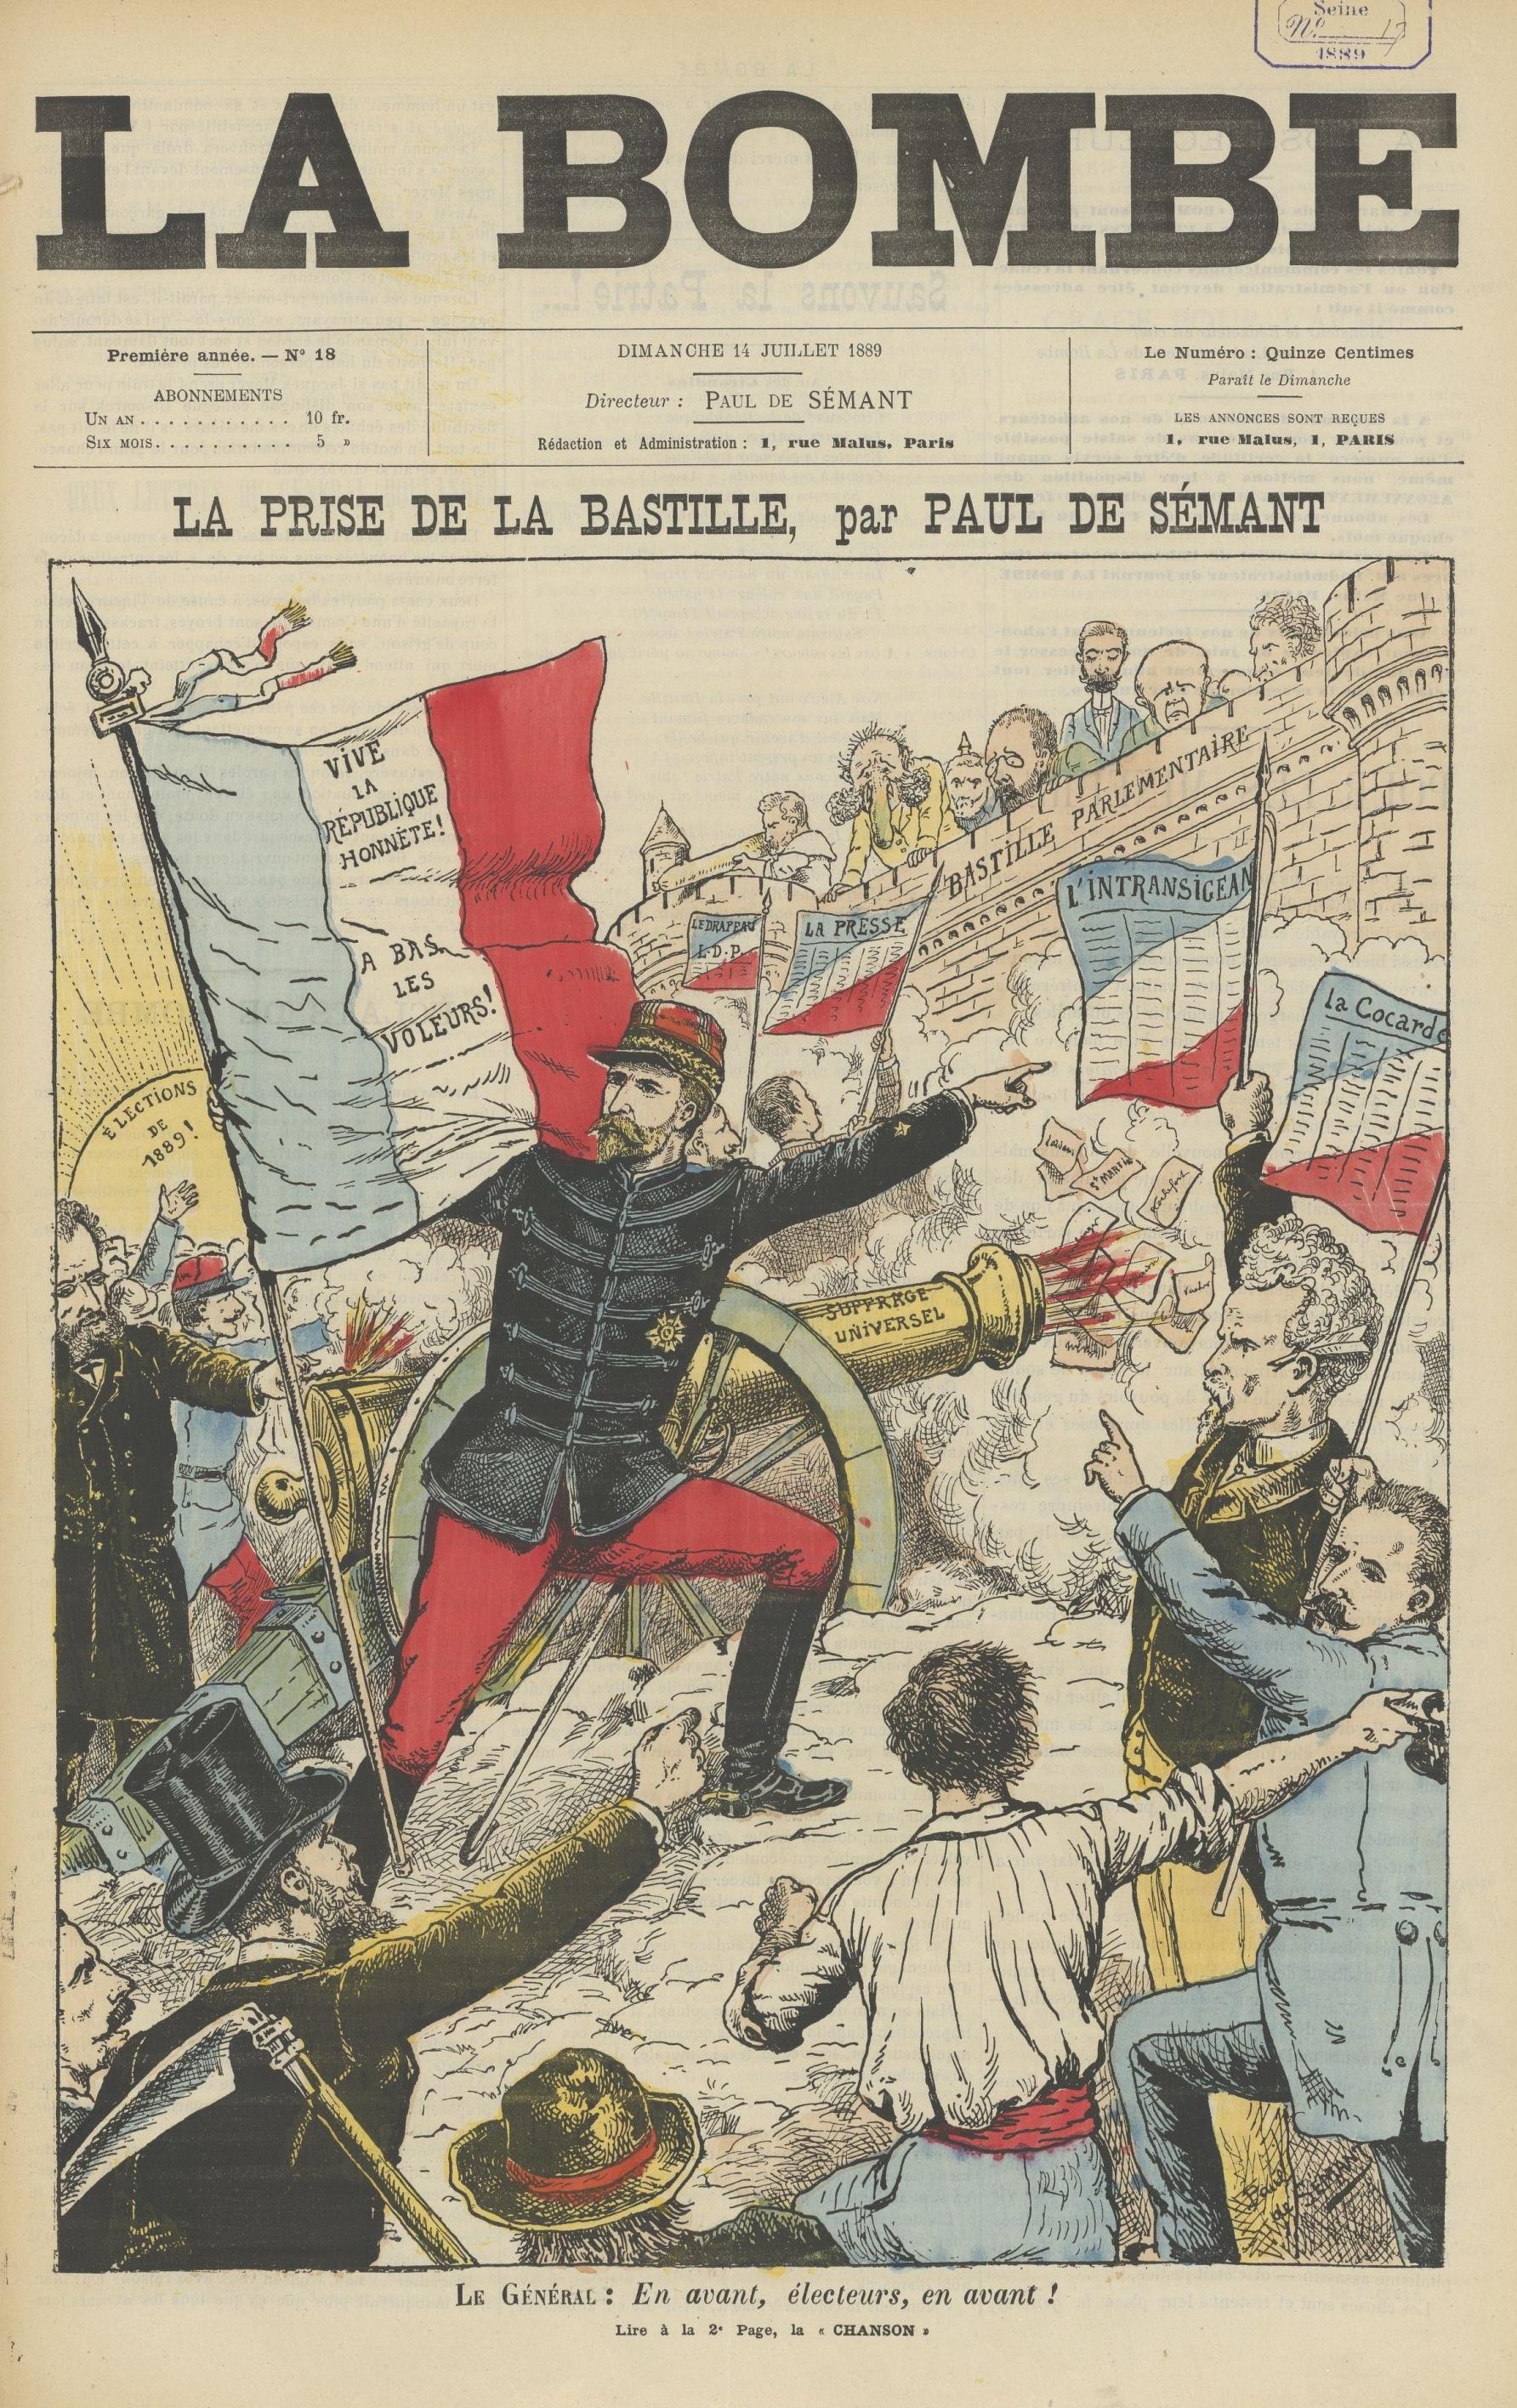 """Charge de Boulanger atacando a """"Bastilha Parlamentar"""", uma referência a um dos eventos fundadores da Revolução Francesa, que havia ocorrido 100 anos antes da eleição do General. Lemos na bandeira francesa: """"Viva a Republica Honesta! Abaixo os Ladrões!"""" O canhão é batizado de """"sufrágio universal"""".   La Bombe,  14 de julho 1889 (Wikimedia Commons)."""